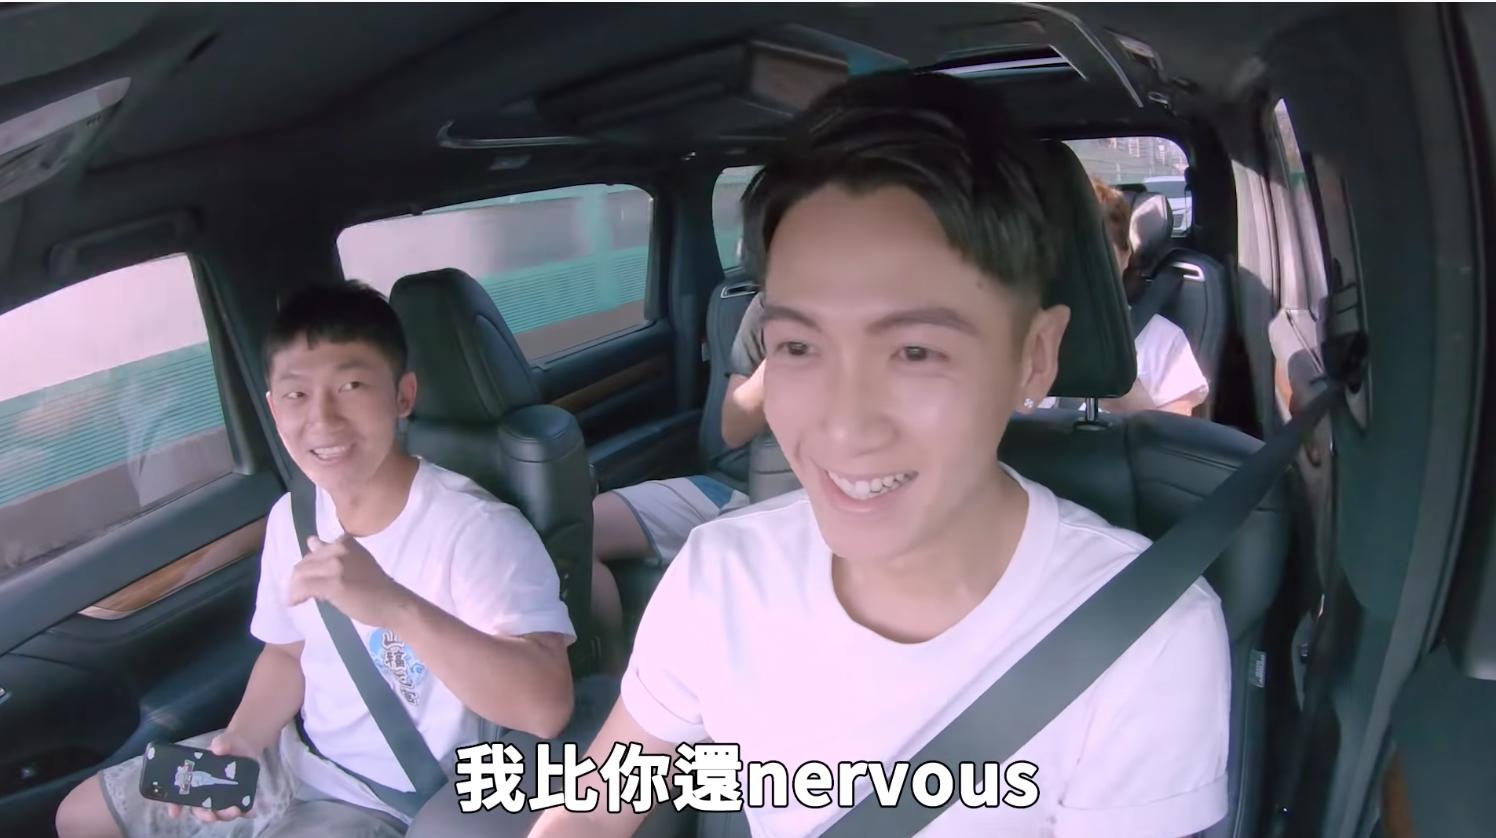 柯震東首發Youtube挑戰自潛  好友相伴黃腔開不停 網:全程姨母笑